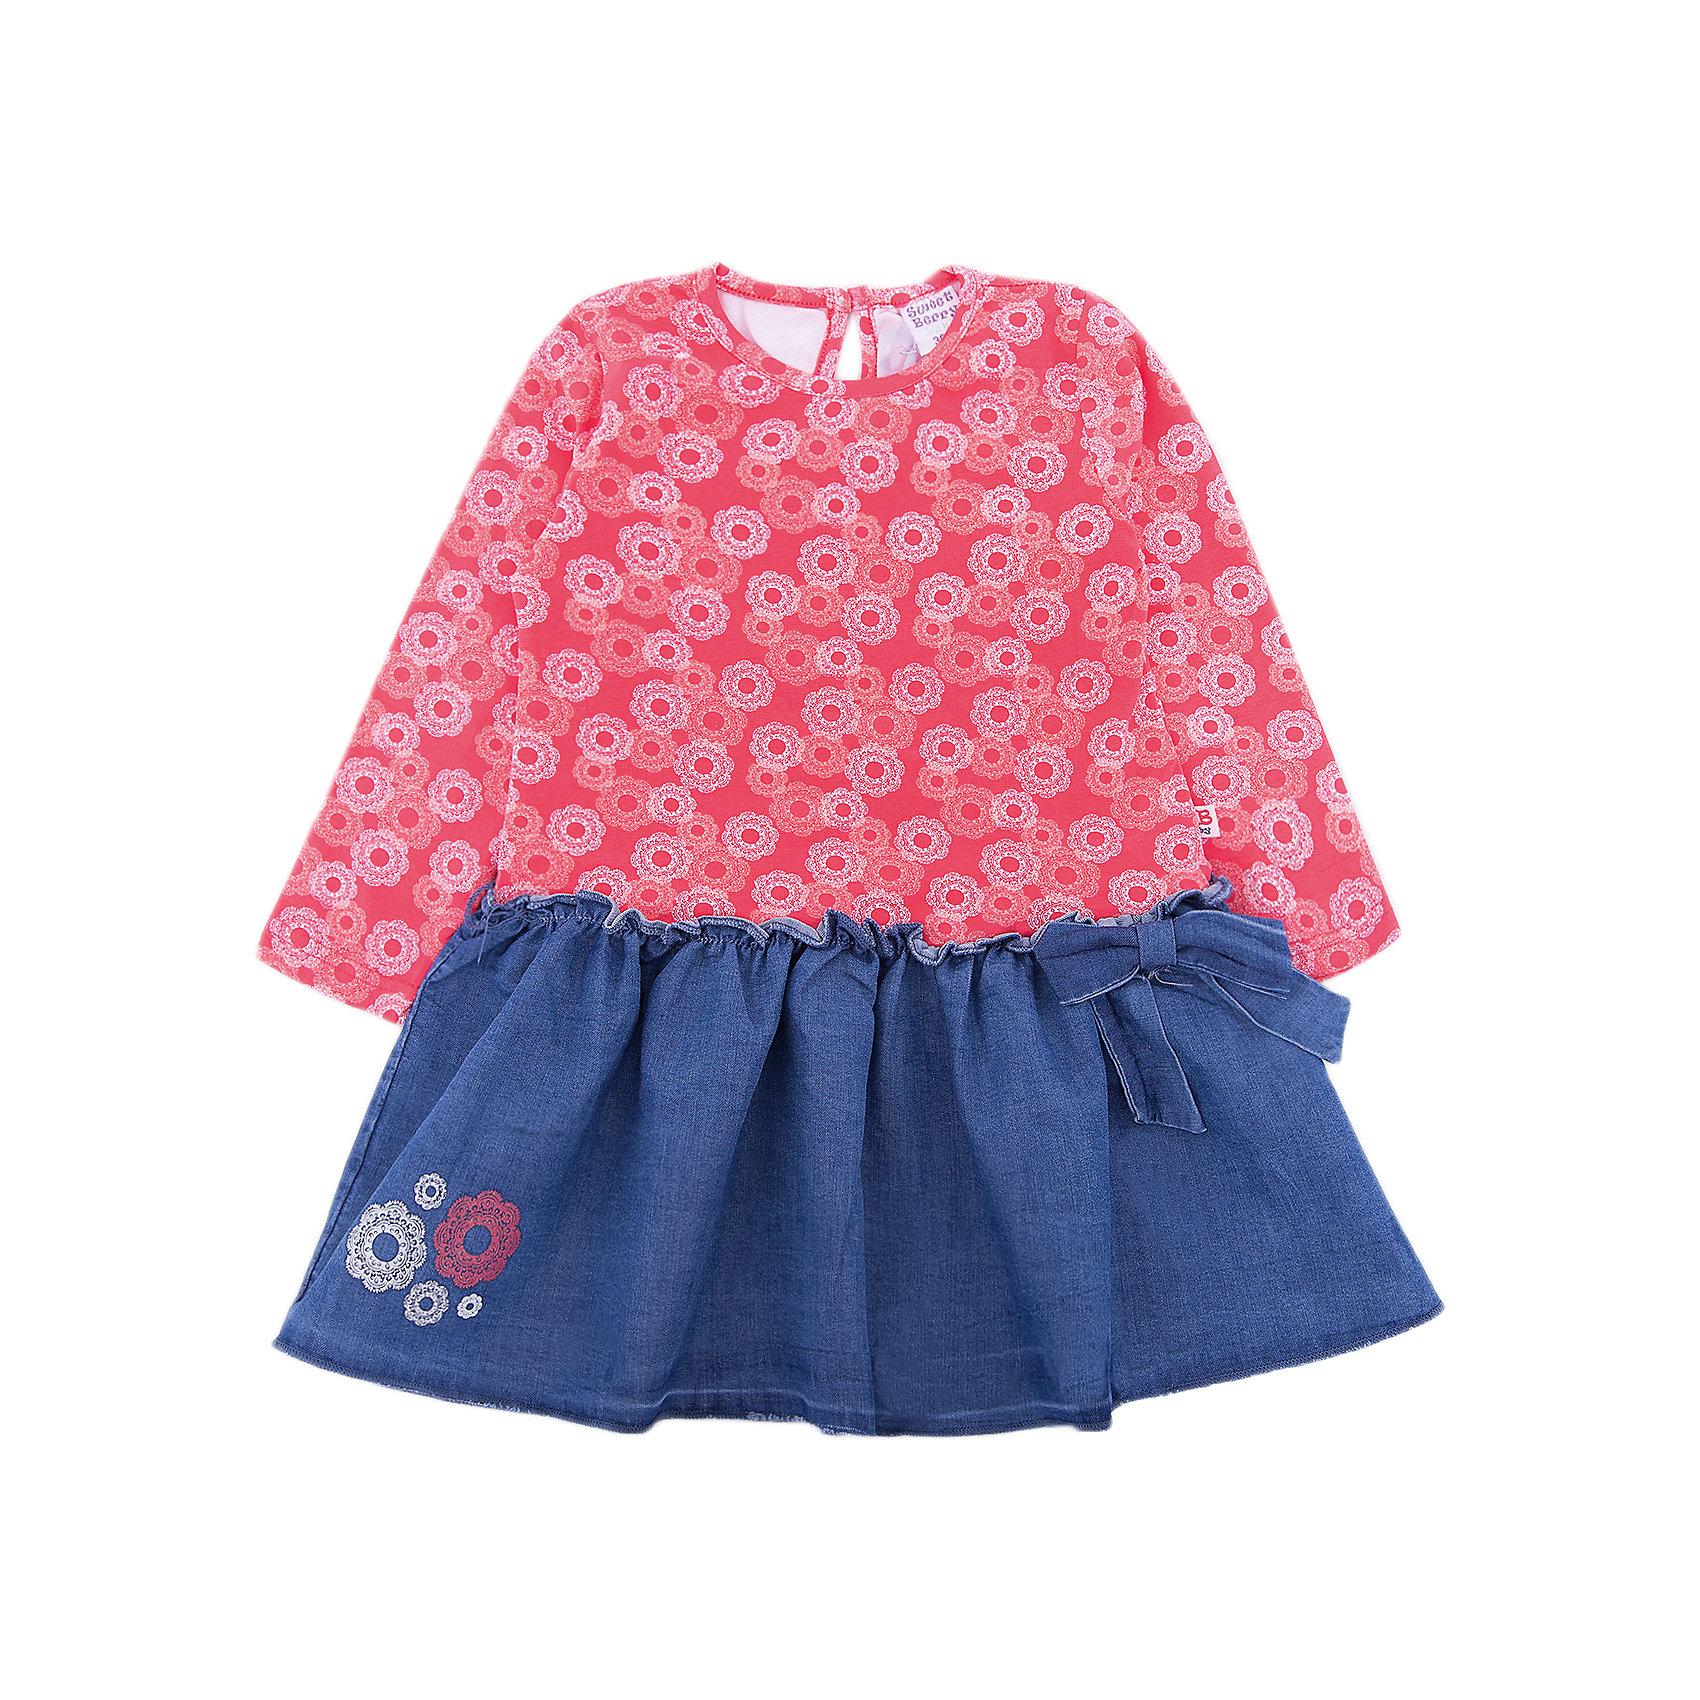 Платье Sweet Berry для девочкиПлатья<br>Платье Sweet Berry для девочки<br>Платье для девочки из мягкого комбинированного трикотажного полотна. Низ изделия декорирован цветочной вышивкой и бантиком. Застежка на пуговке на спинке.<br>Состав:<br>95% хлопок, 5% эластан<br><br>Ширина мм: 236<br>Глубина мм: 16<br>Высота мм: 184<br>Вес г: 177<br>Цвет: розовый<br>Возраст от месяцев: 24<br>Возраст до месяцев: 36<br>Пол: Женский<br>Возраст: Детский<br>Размер: 98,86,80,92<br>SKU: 7094593